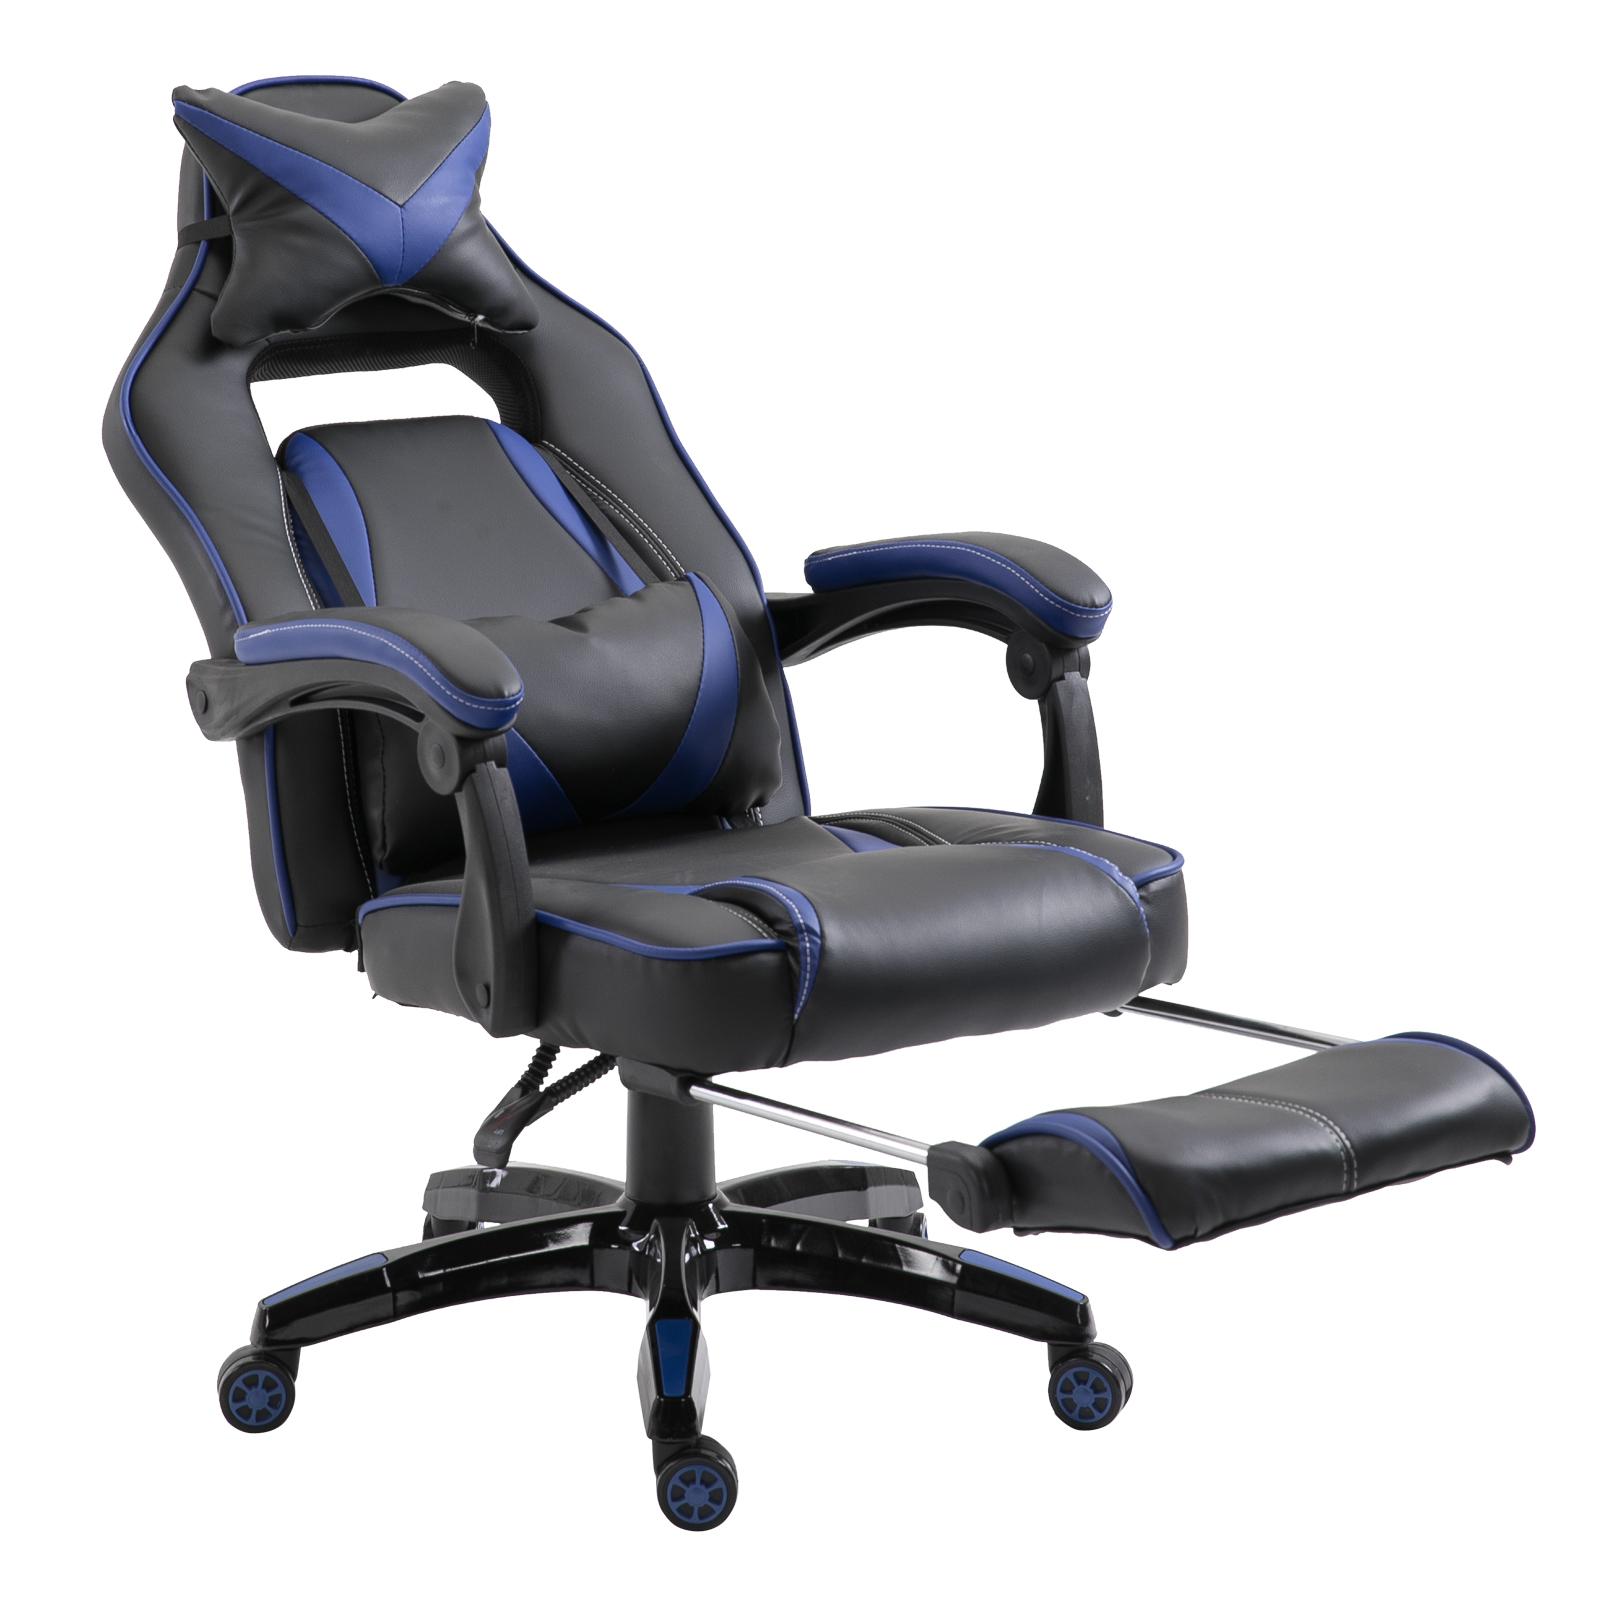 Vinsetto Sedie da ufficio sedia da gaming sedia da scrivania ergonomiche con Rotelle in Ecopelle, Blu e N